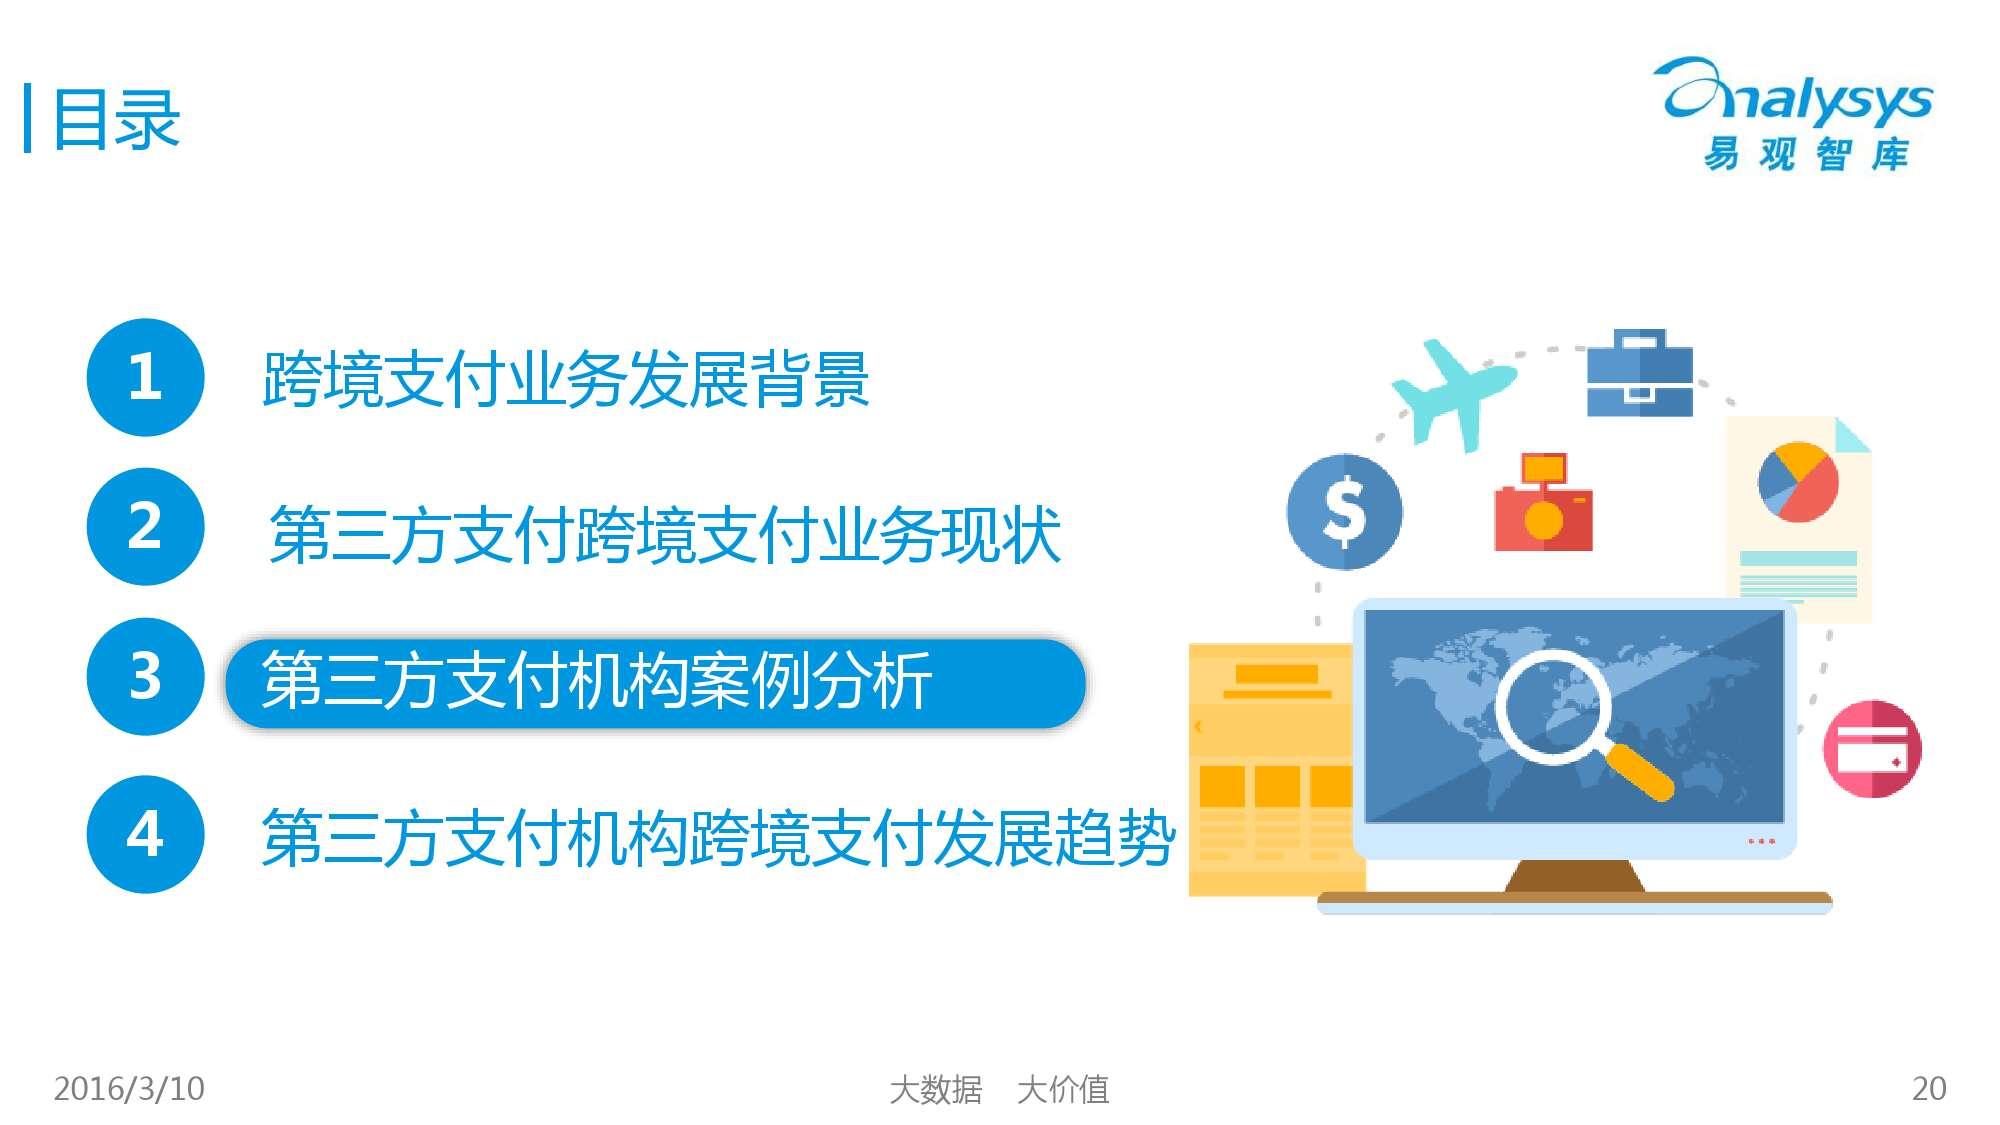 中国跨境支付市场专题研究报告2016_000020